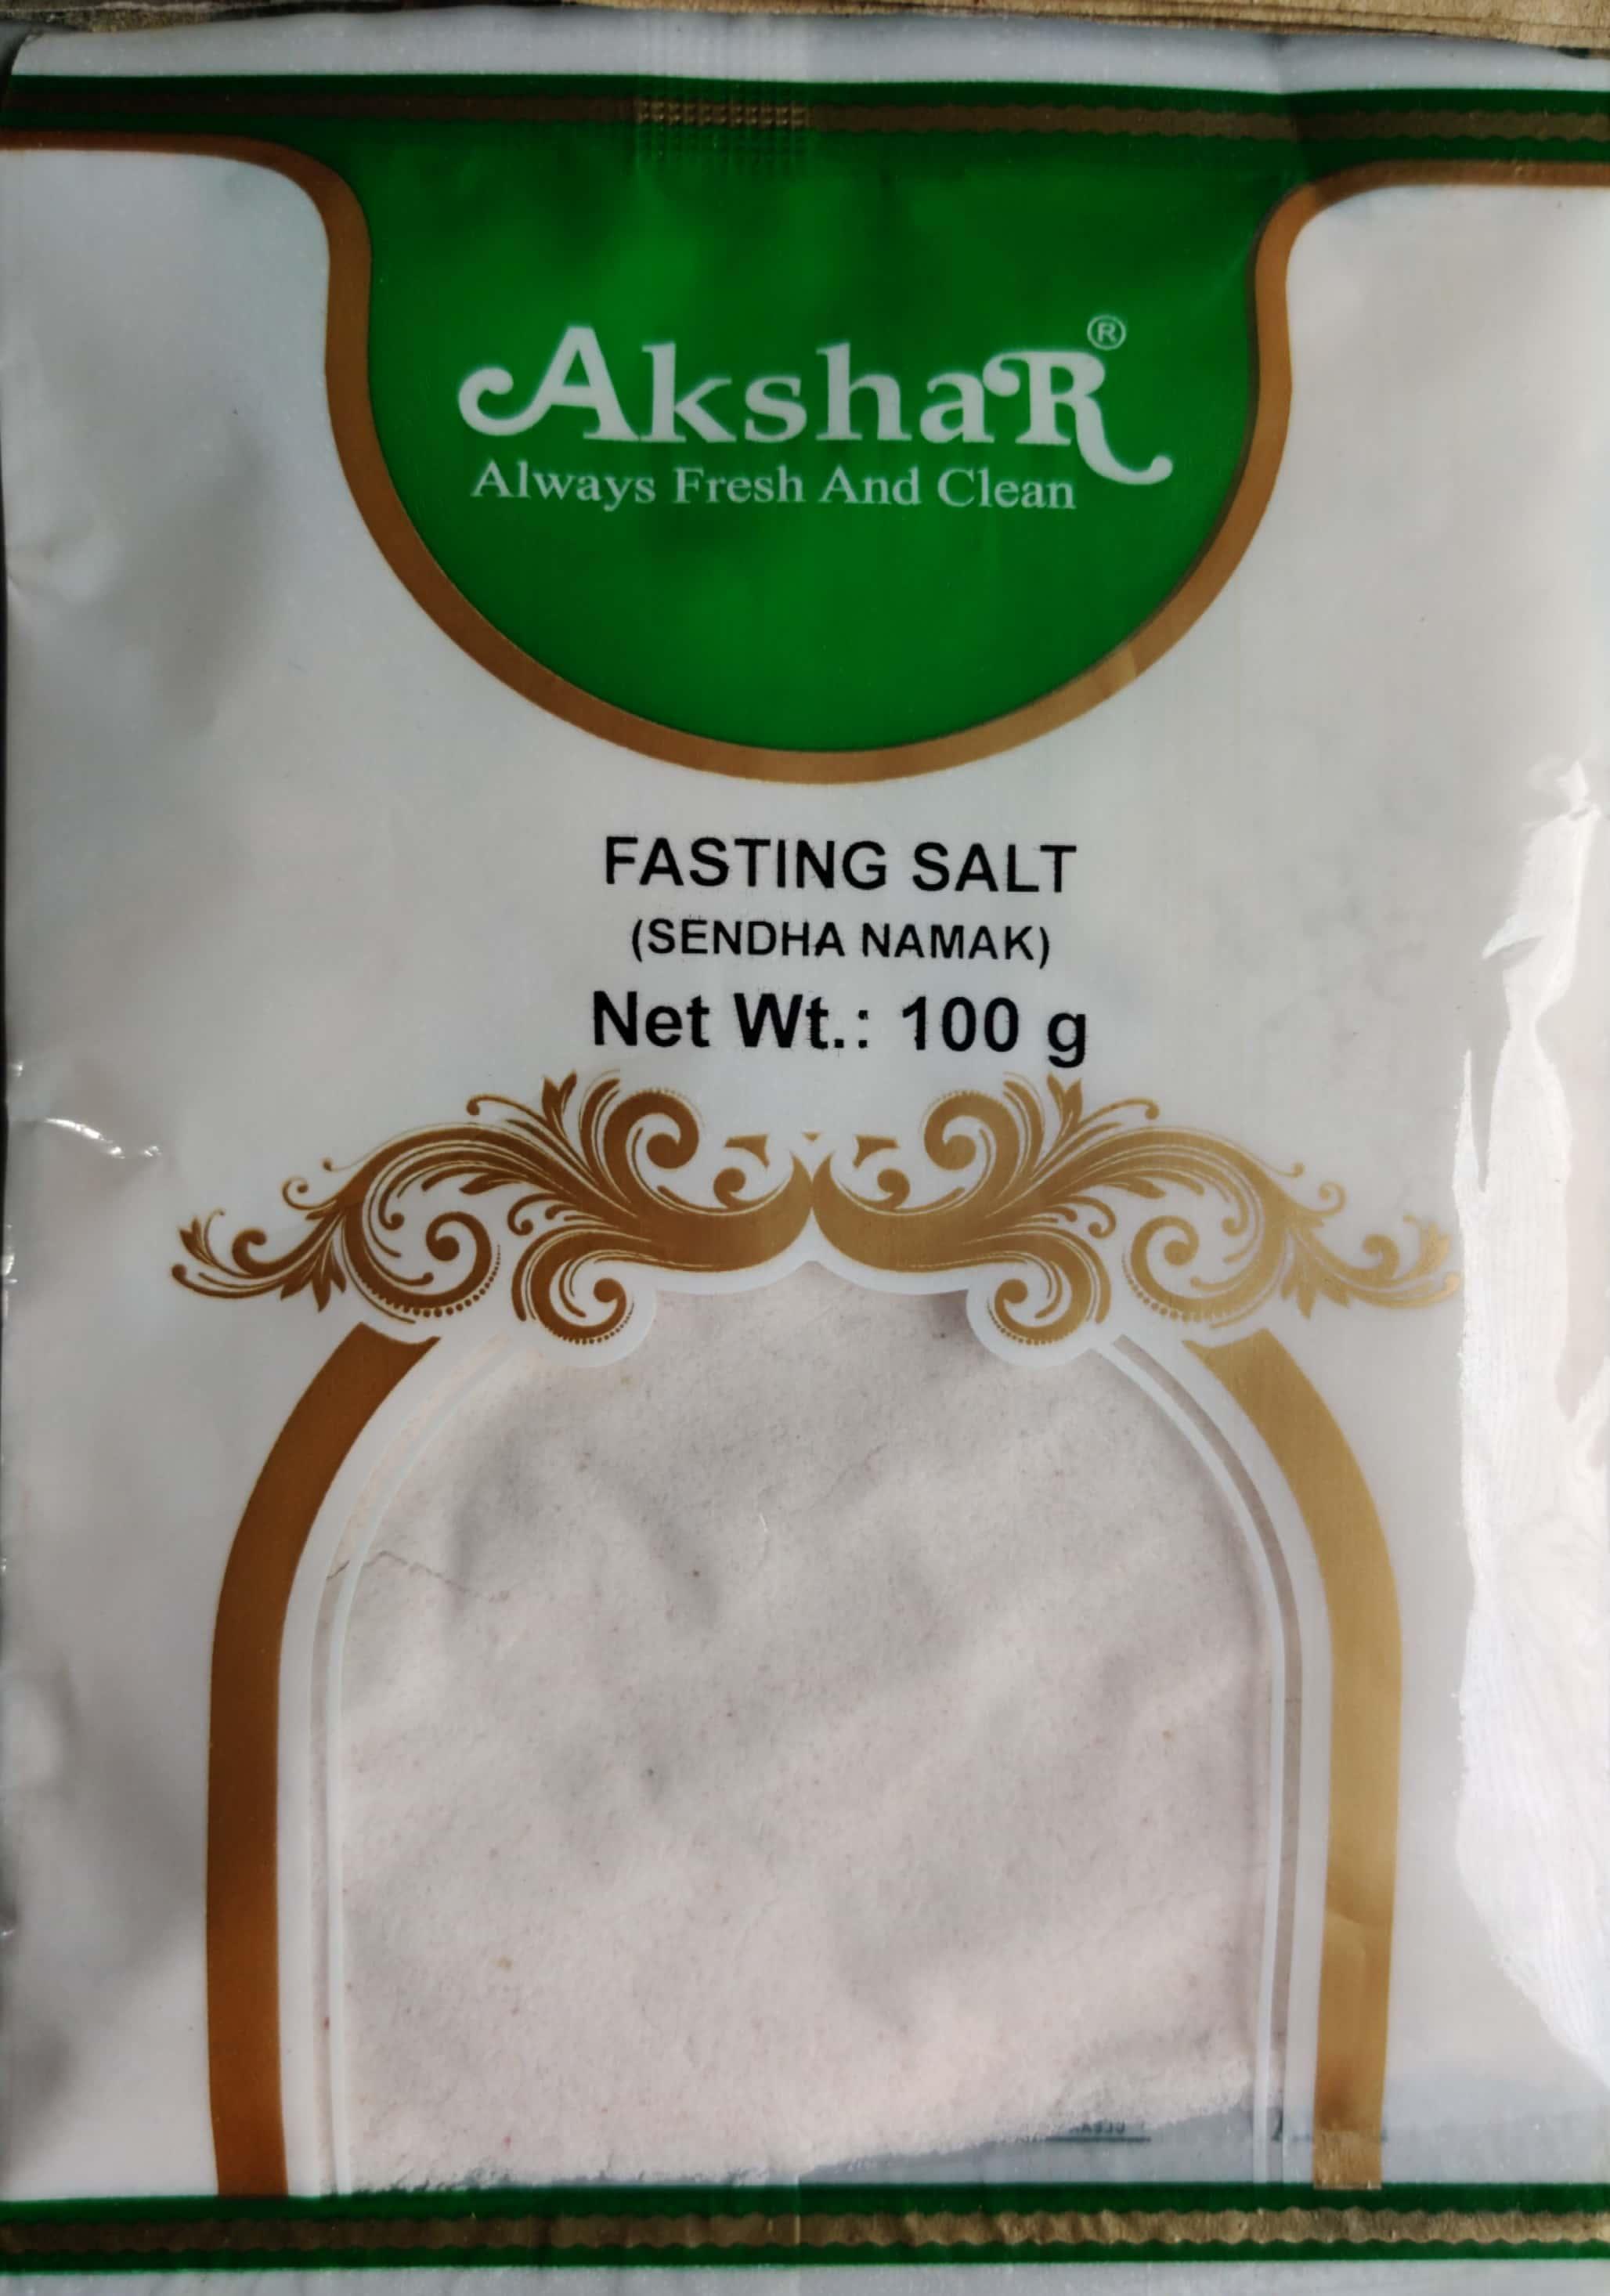 FASTING SALT (SENDHA NAMAK)